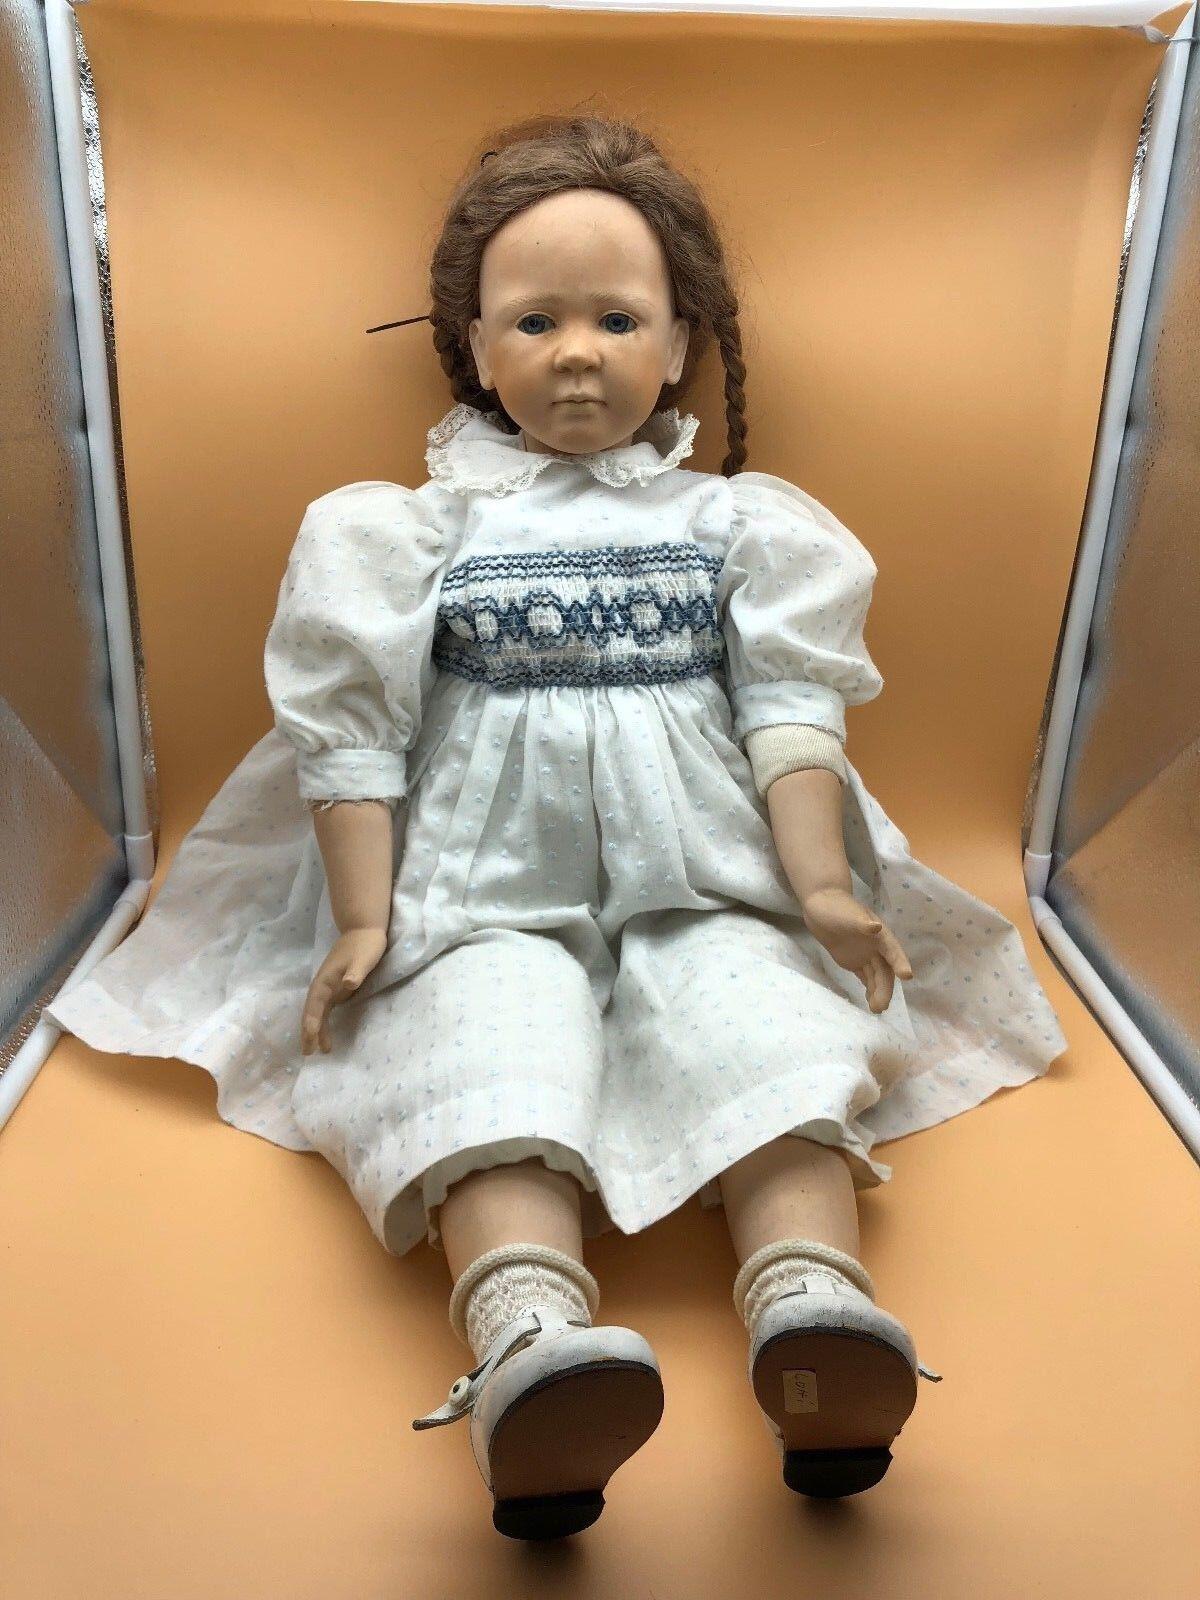 Ruth treffeisen vinilo muñeca 70 cm. top estado